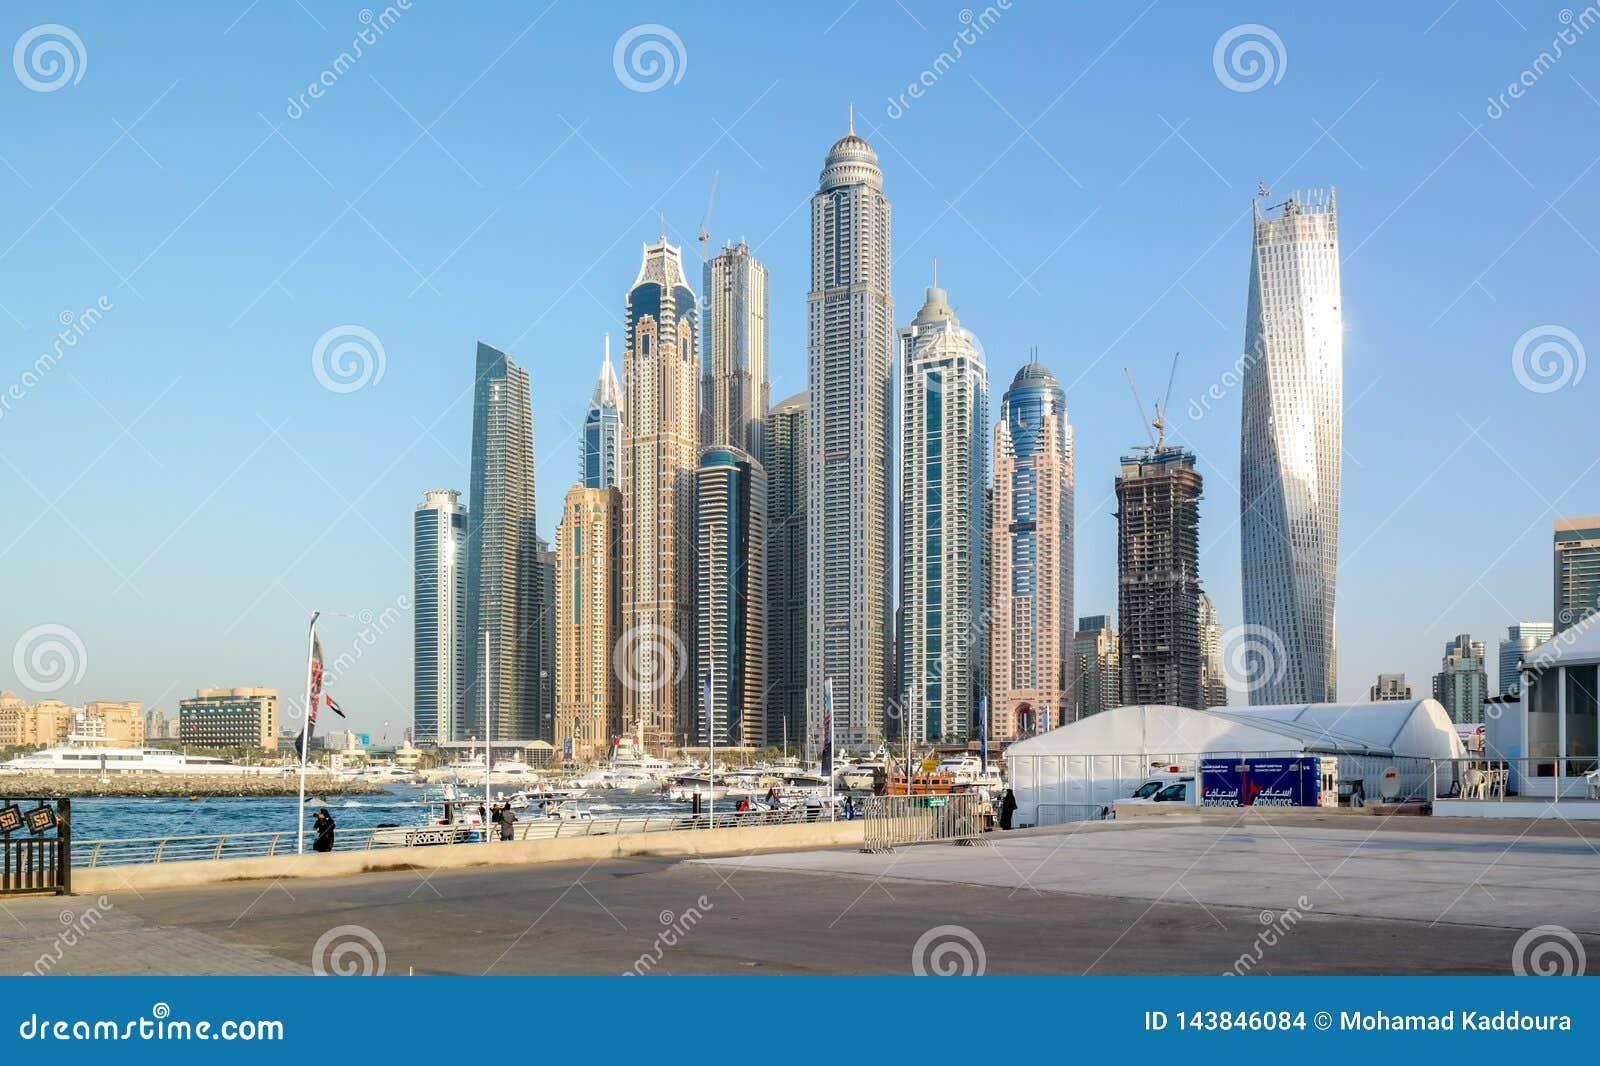 从迪拜小游艇船坞,在阿拉伯联合酋长国的现代旅游景点的迪拜地平线